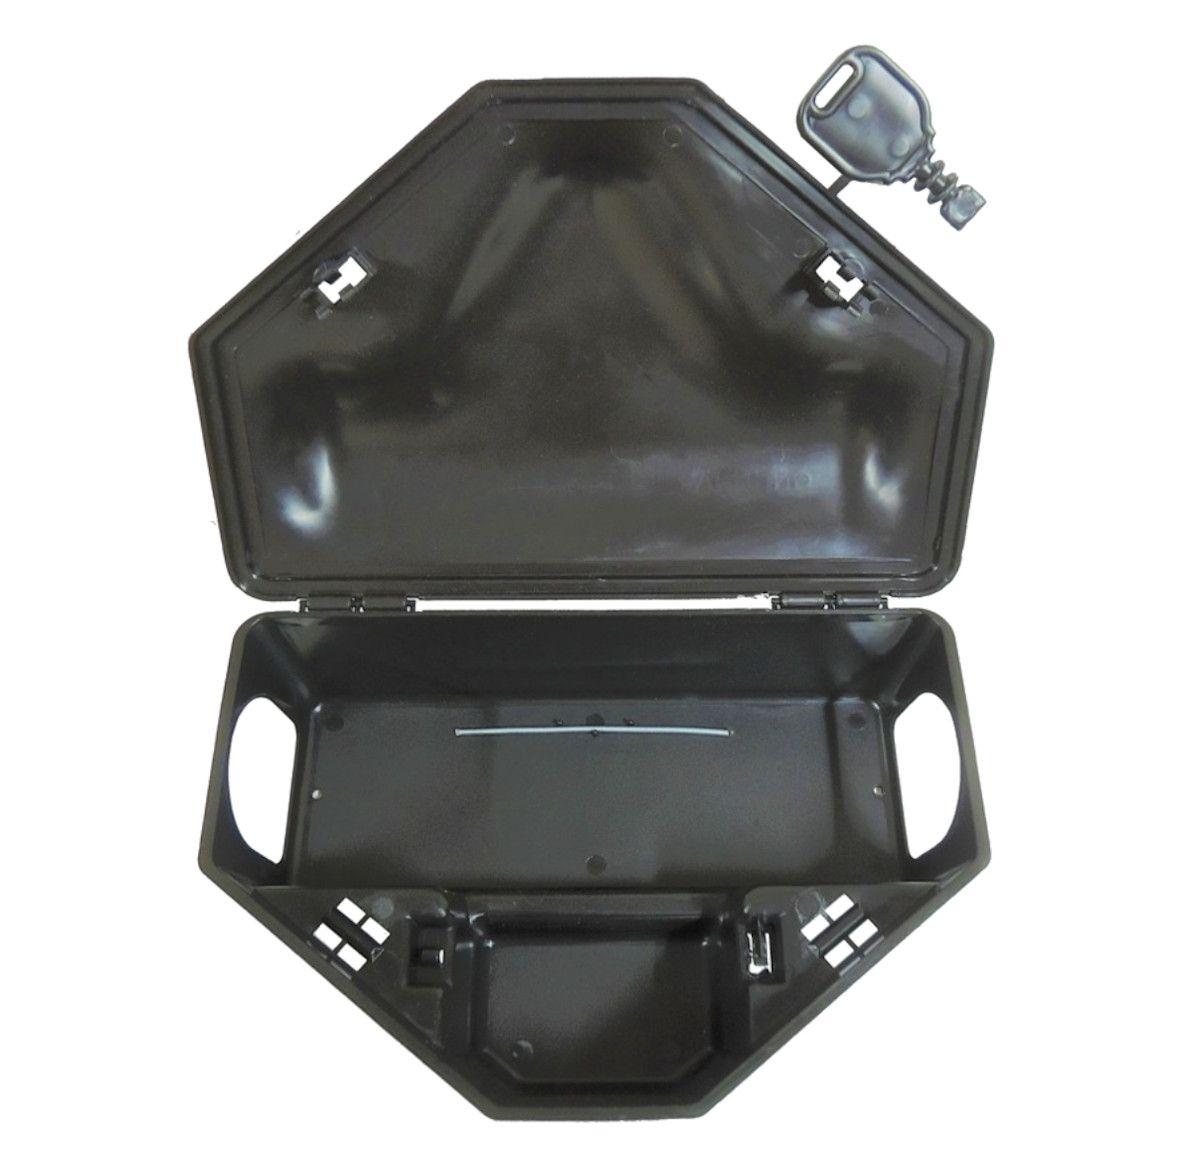 Kit 12 Porta Iscas + 12 Saches Palletizados De 25g